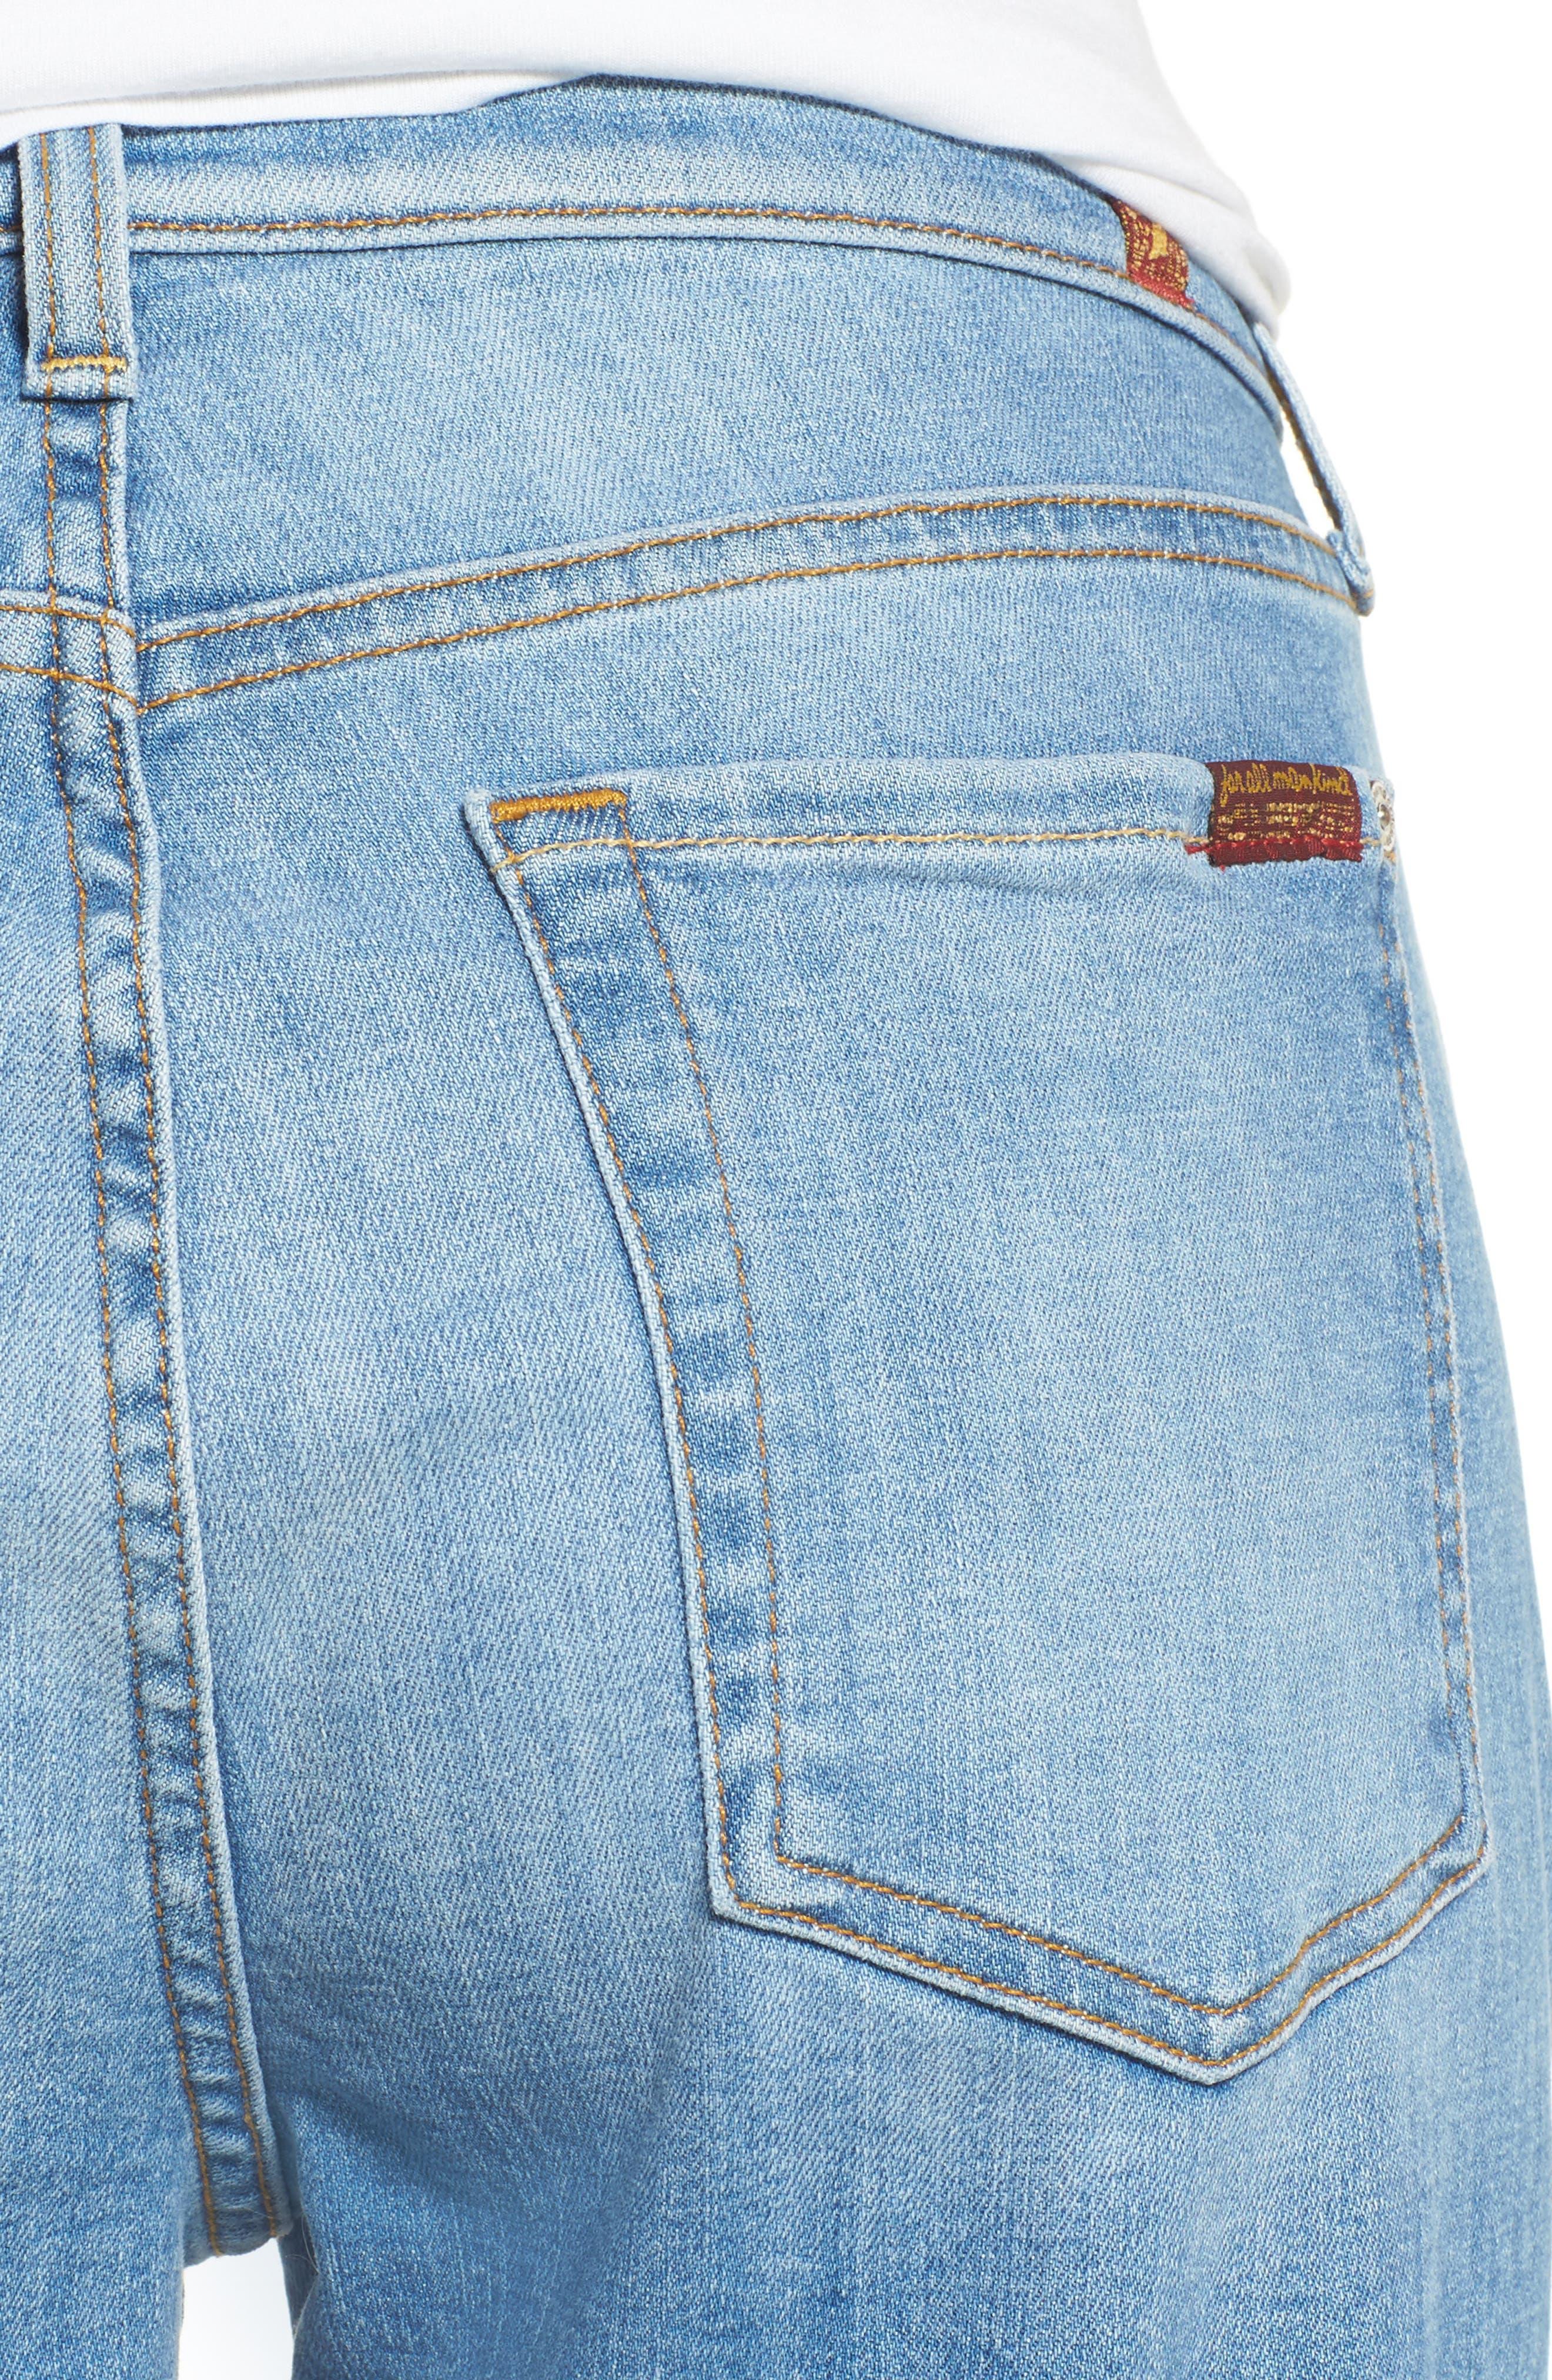 Josefina High Waist Crop Boyfriend Jeans,                             Alternate thumbnail 4, color,                             400